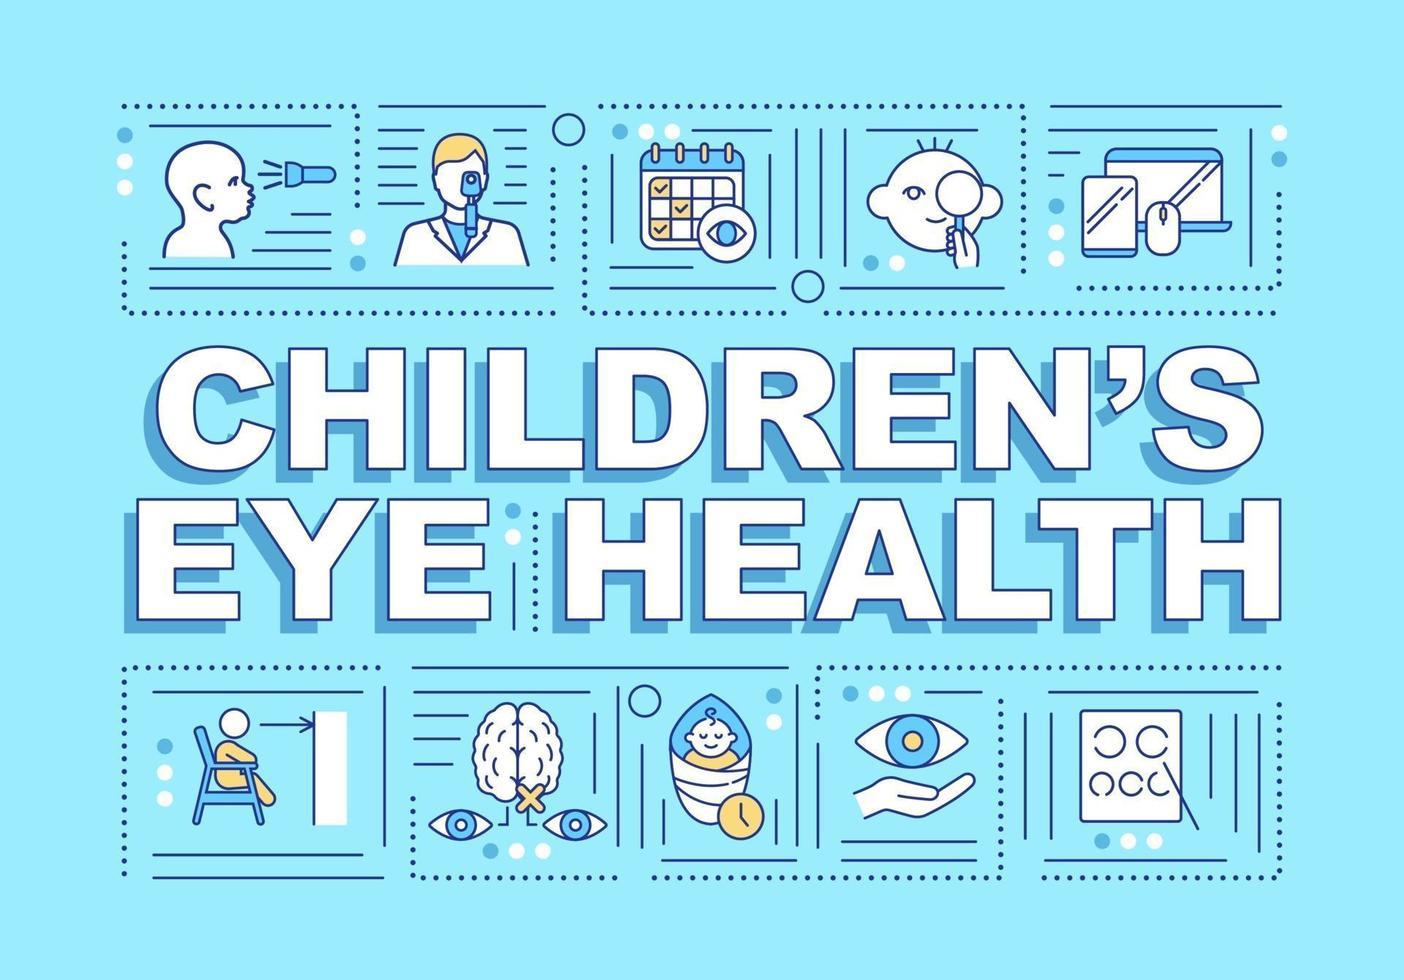 saúde ocular de crianças palavra conceitos banner vetor